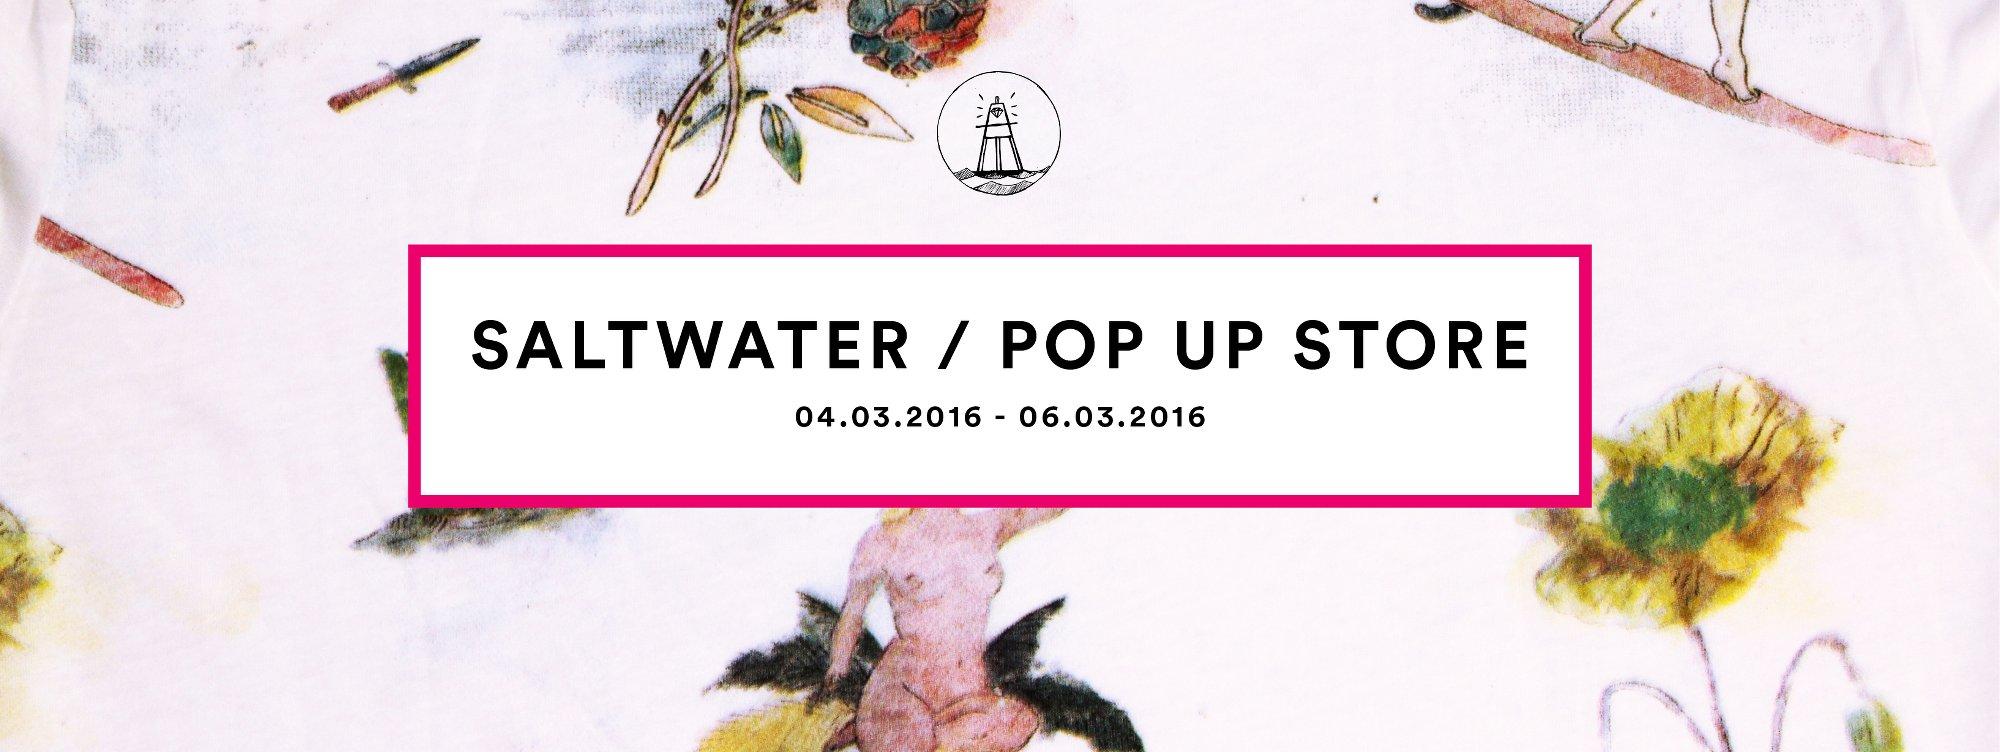 Saltwater Popup Store